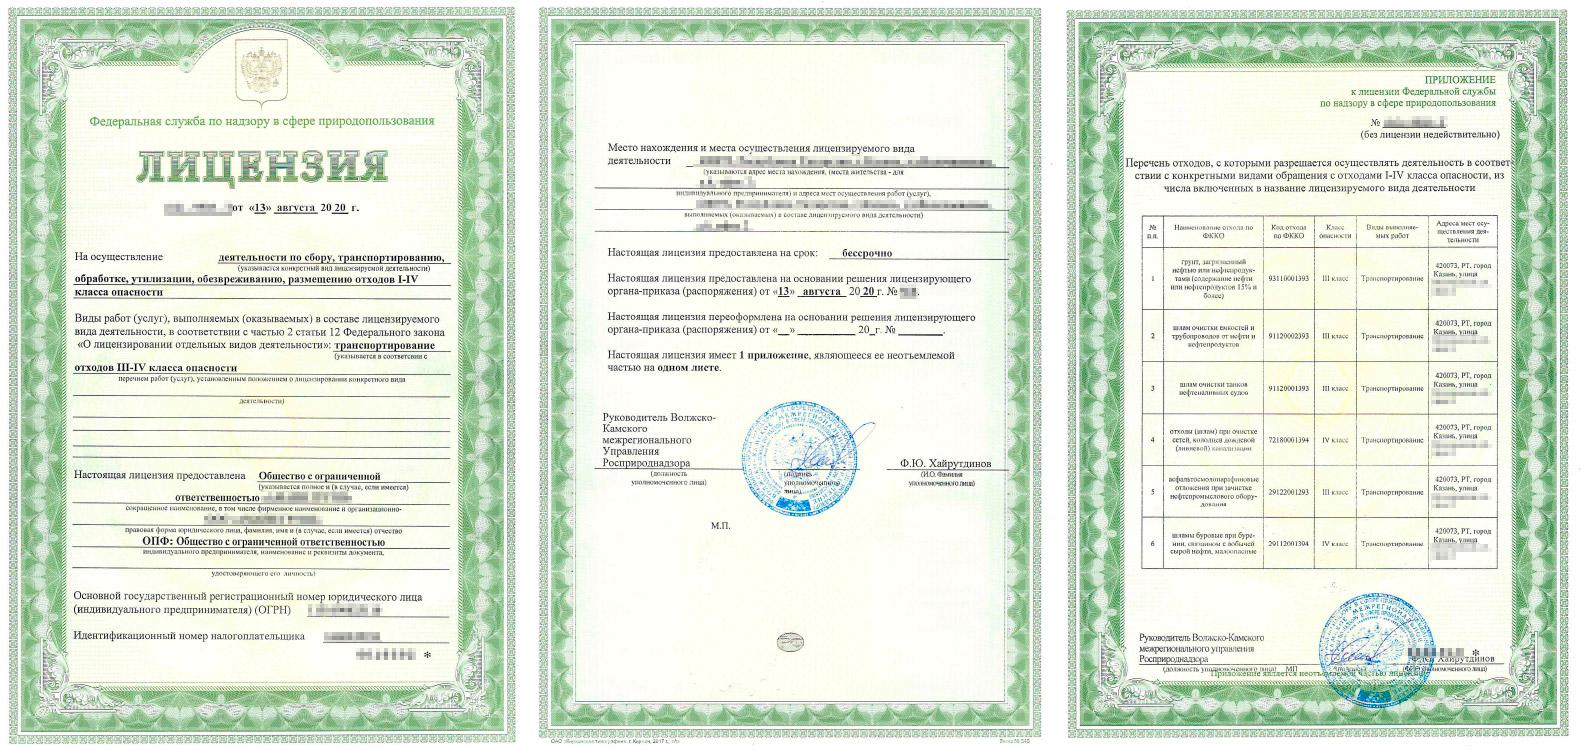 Лицензия Росприроднадзора на сбор, транспортировку и размещение отходов 1-4 класса опасности под ключ